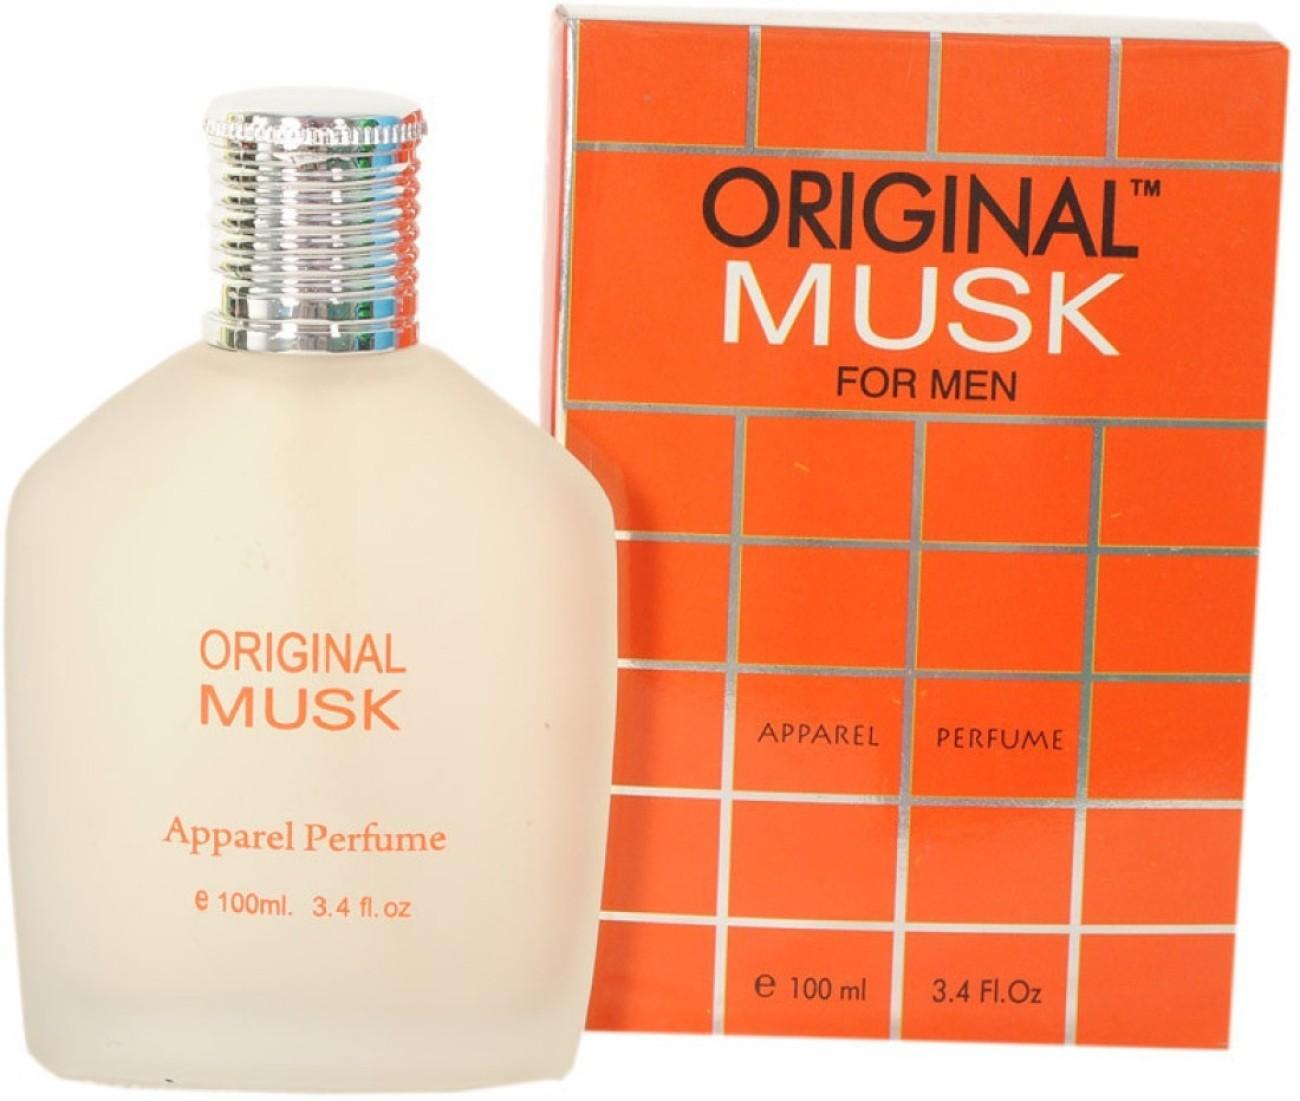 Eaux De Parfum 100 Original St Louis Musk Perfume 100ml Eau Ml